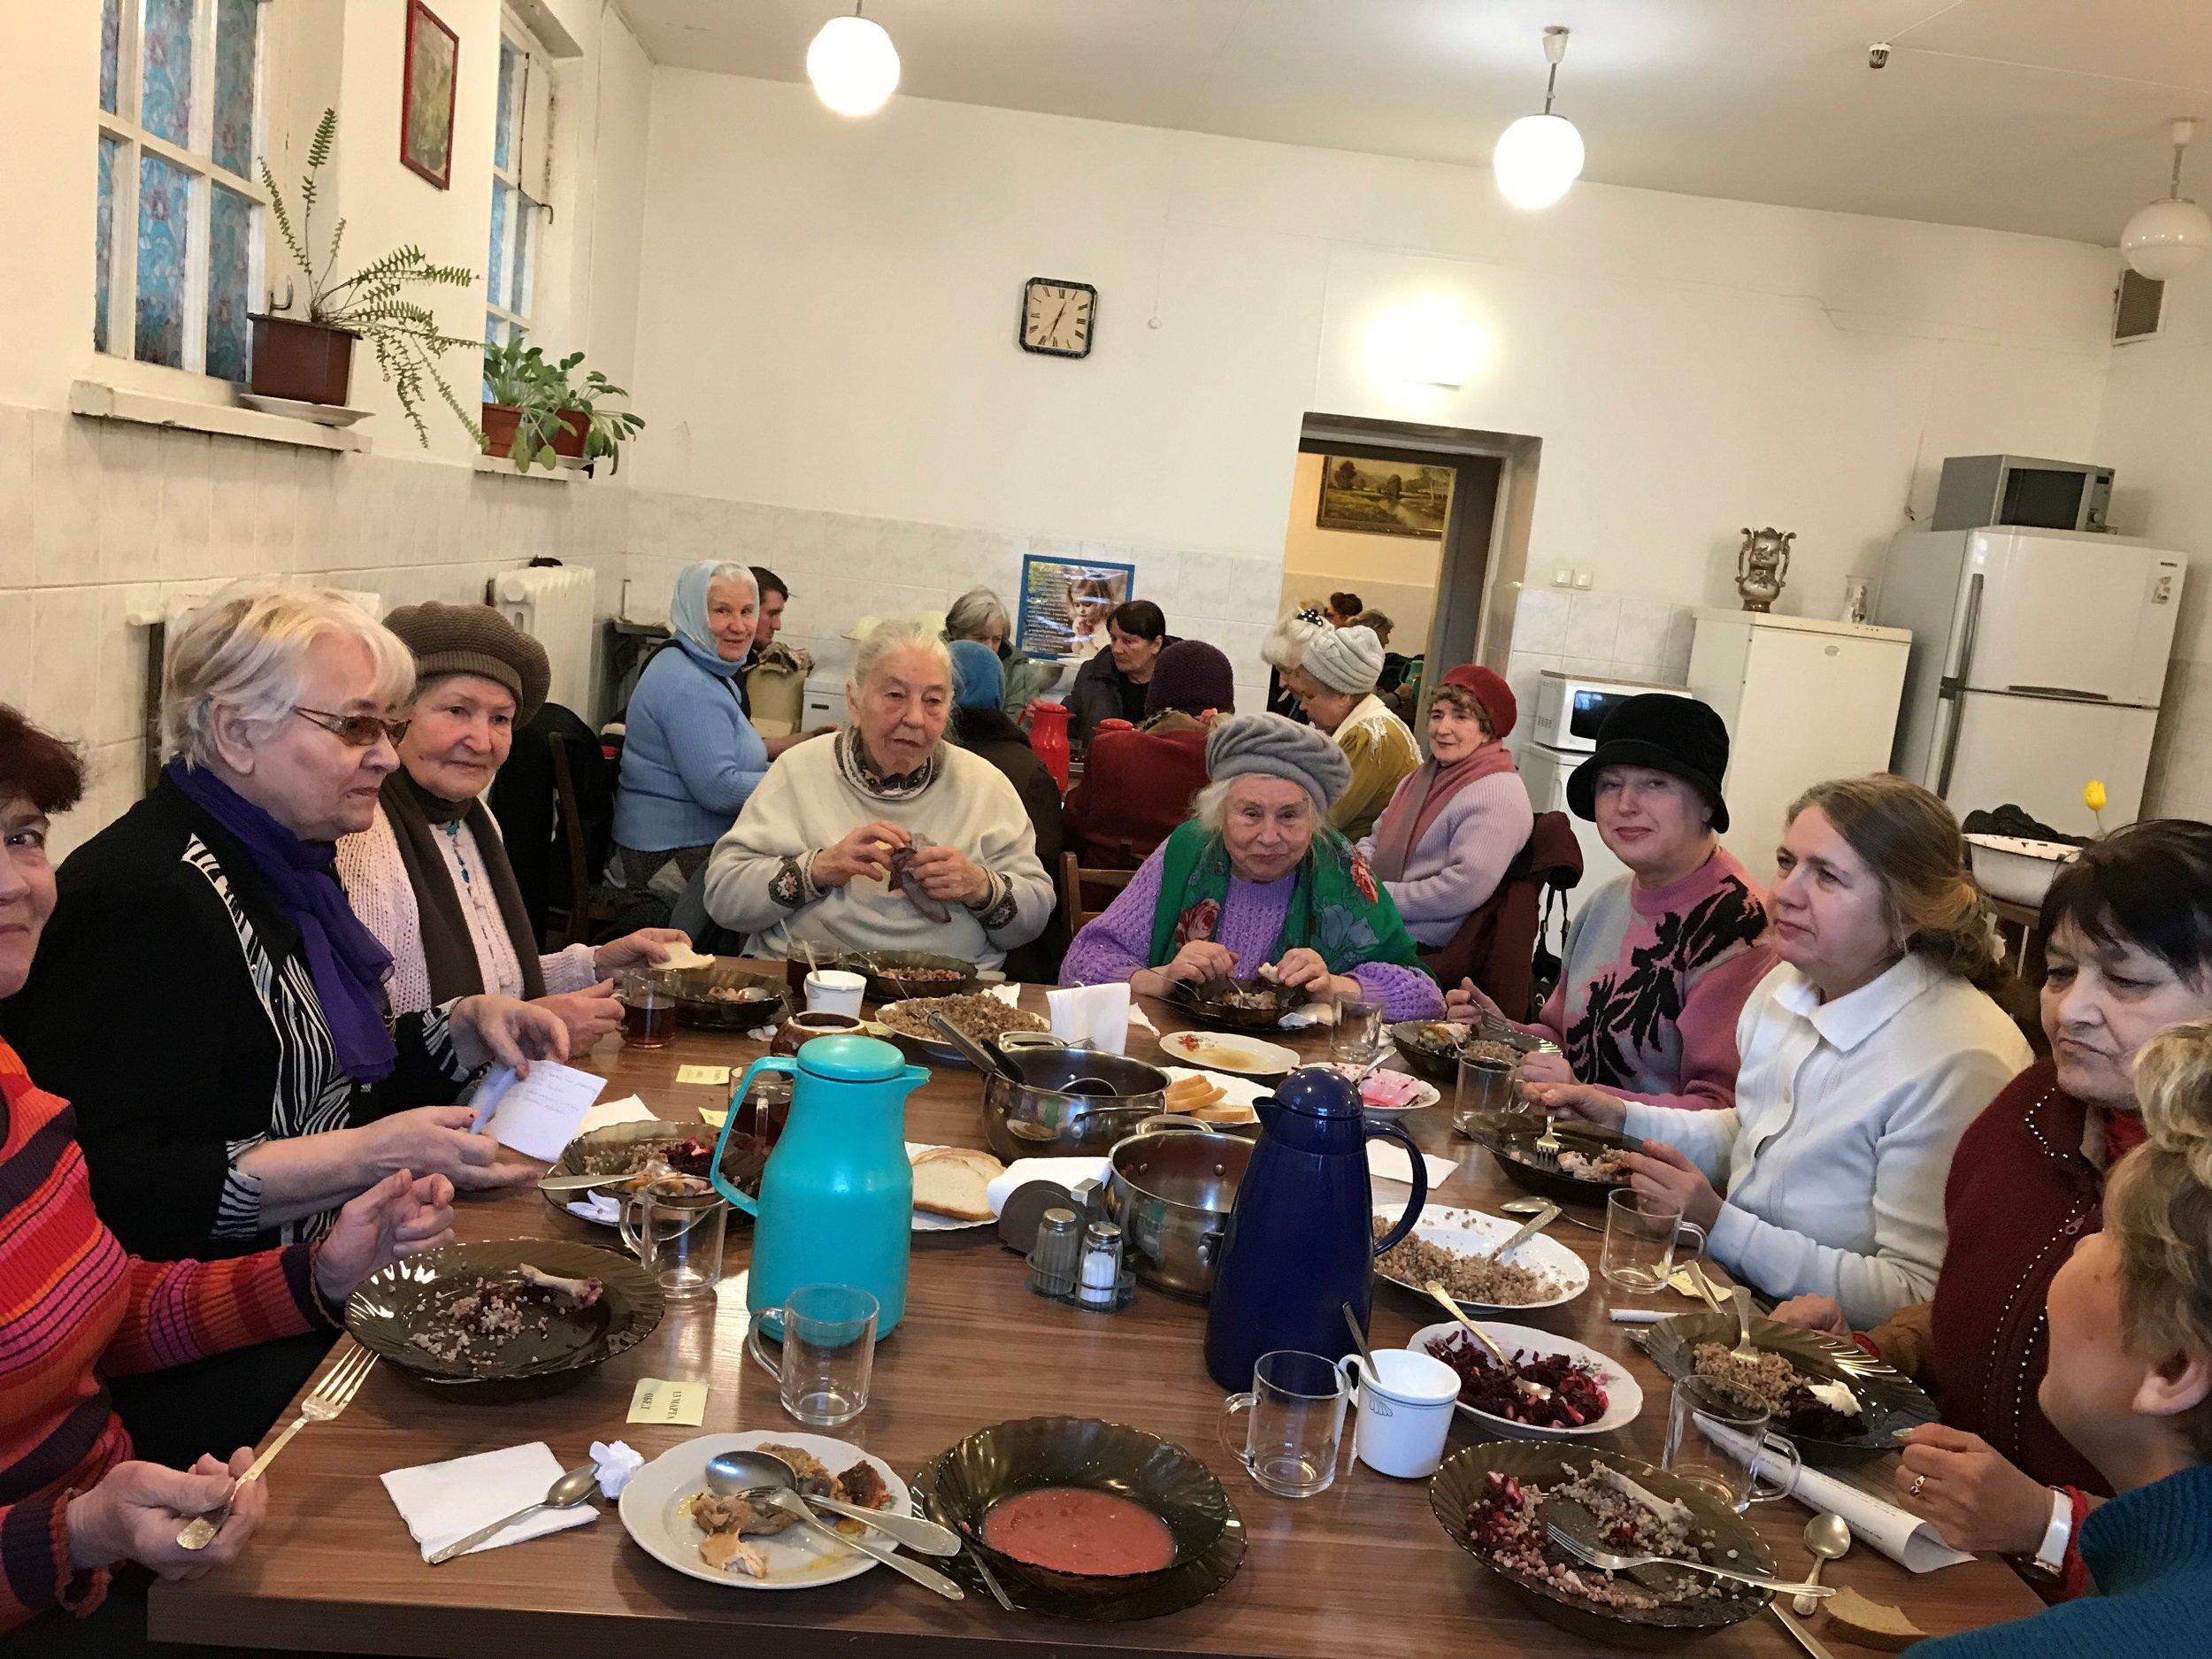 The Foundations of Faith class luncheon.